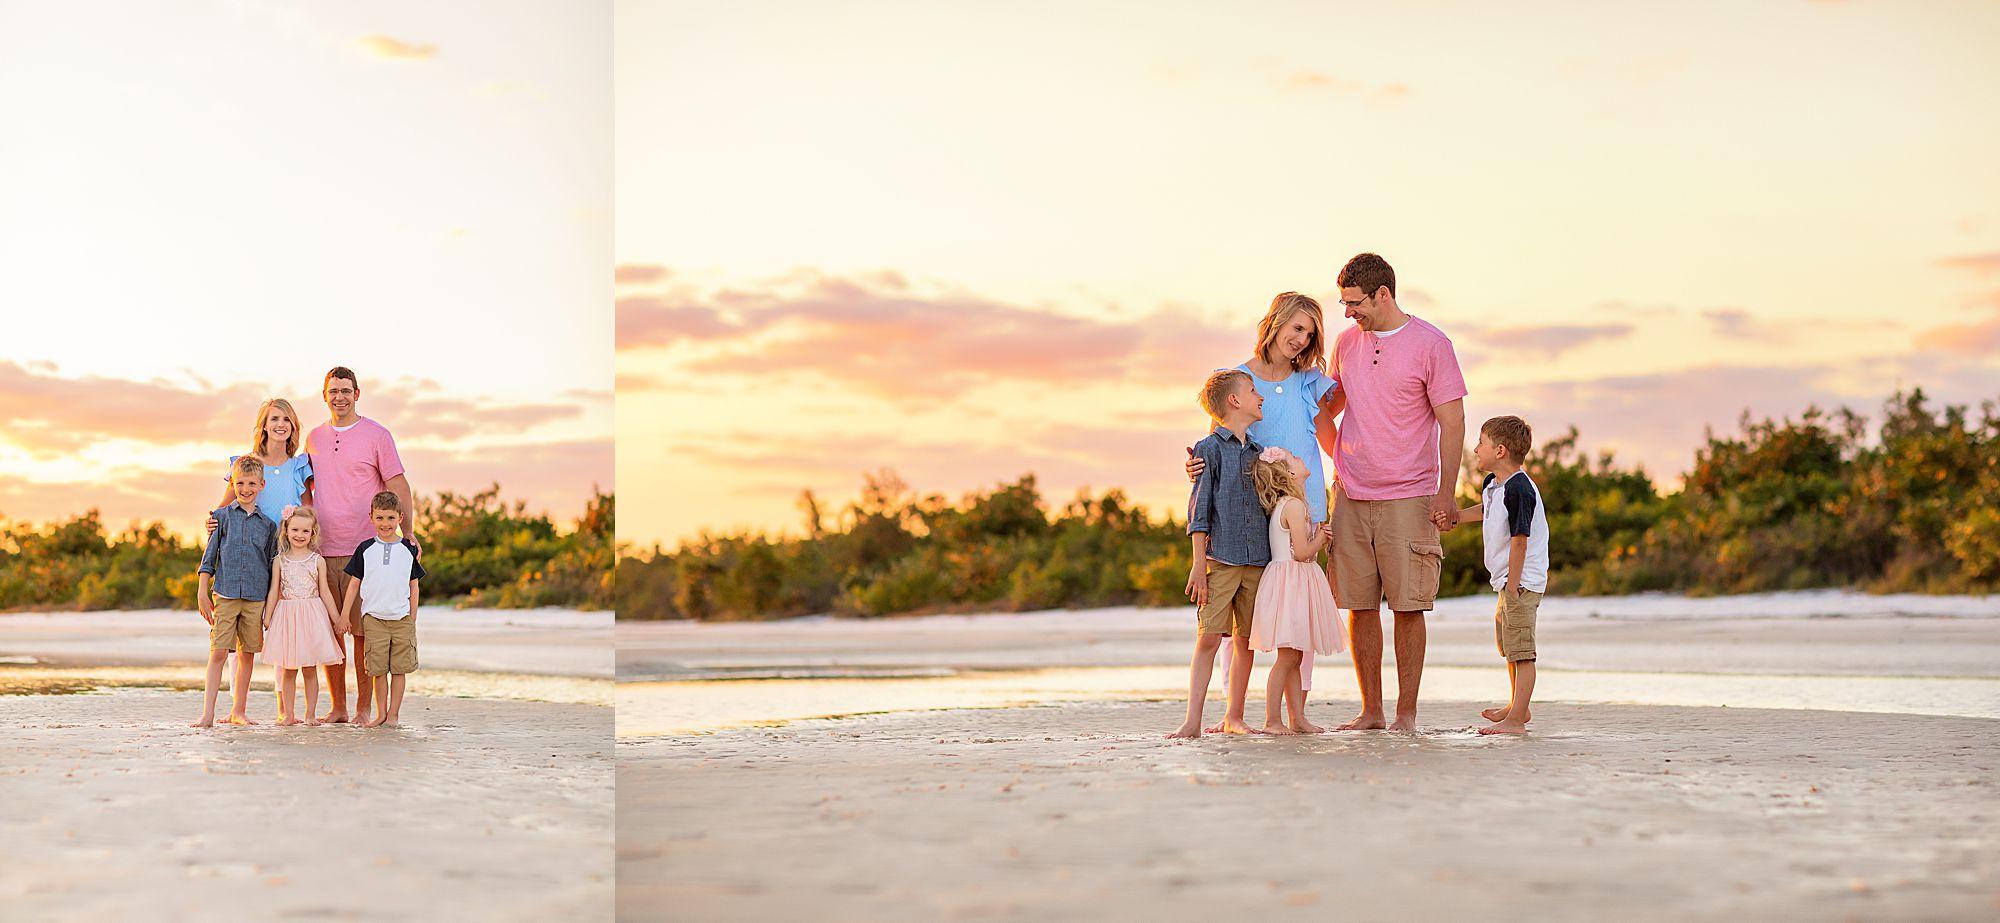 Ft myers beach photographer